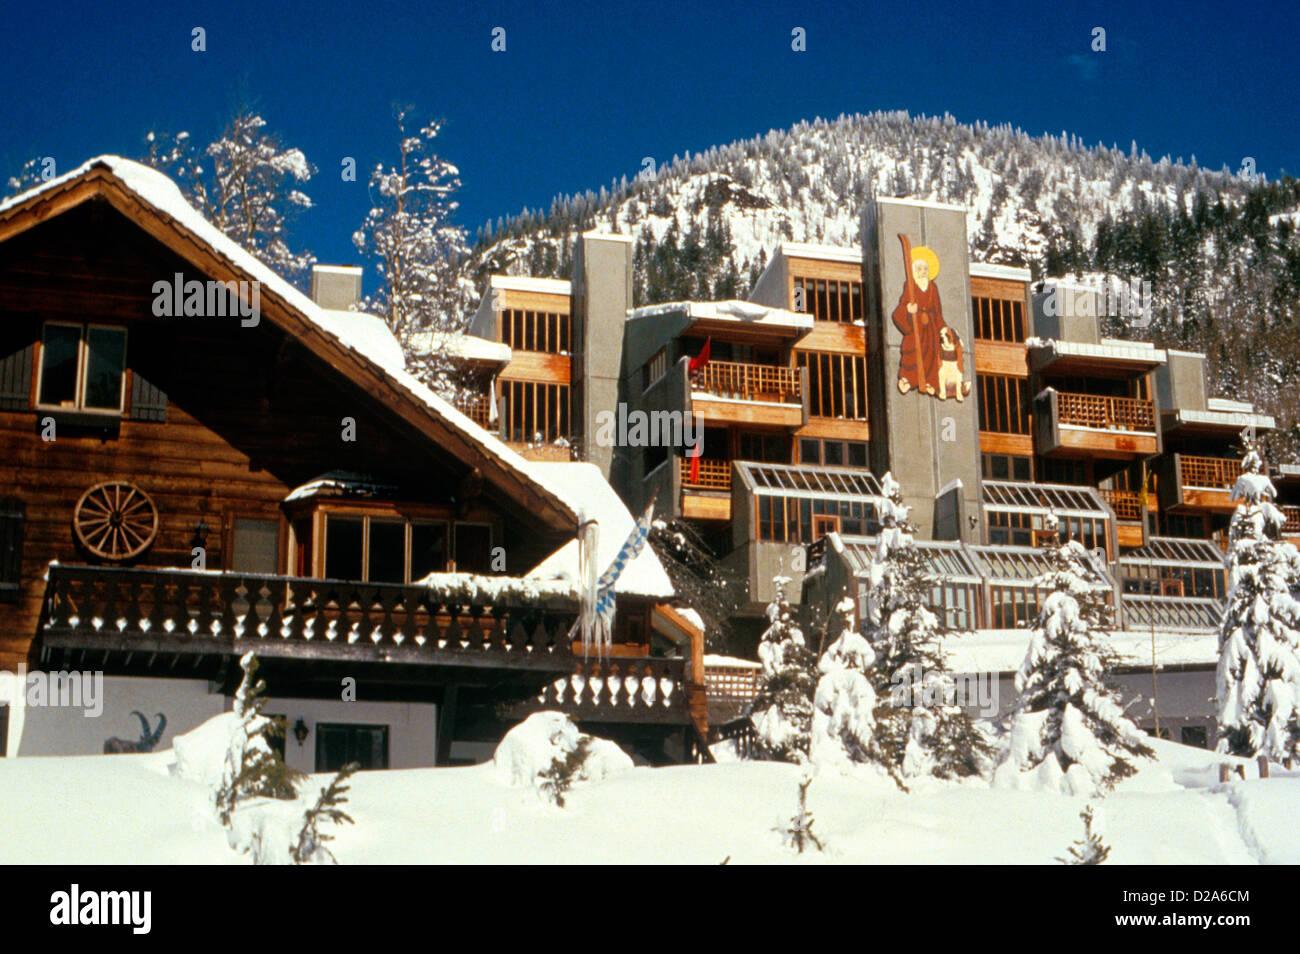 new mexico, taos. taos ski valley resort stock photo: 53084996 - alamy